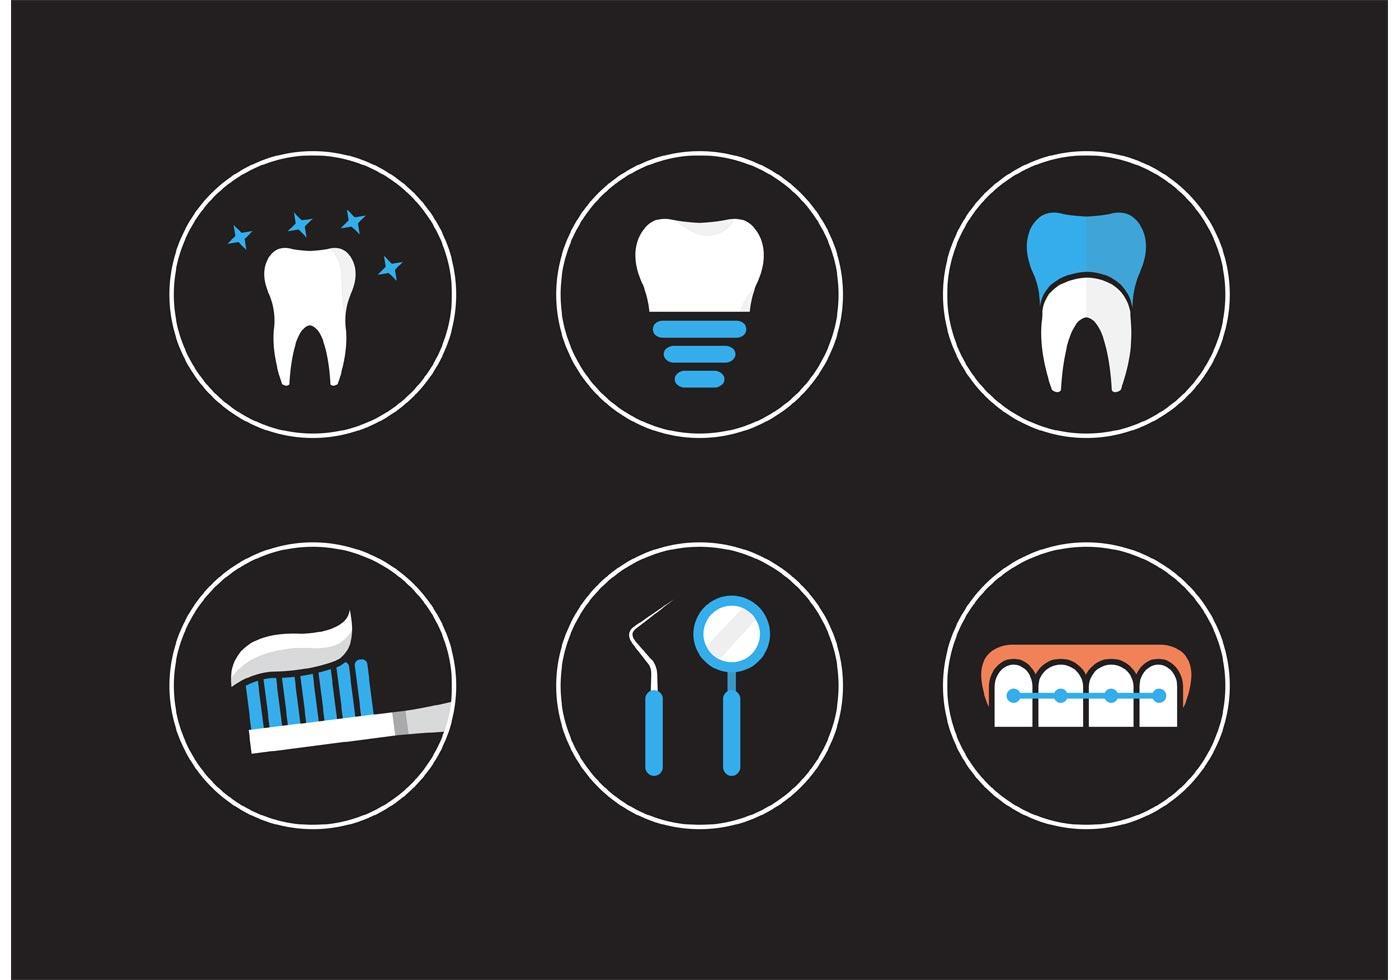 этом картинки для инстаграма стоматология том